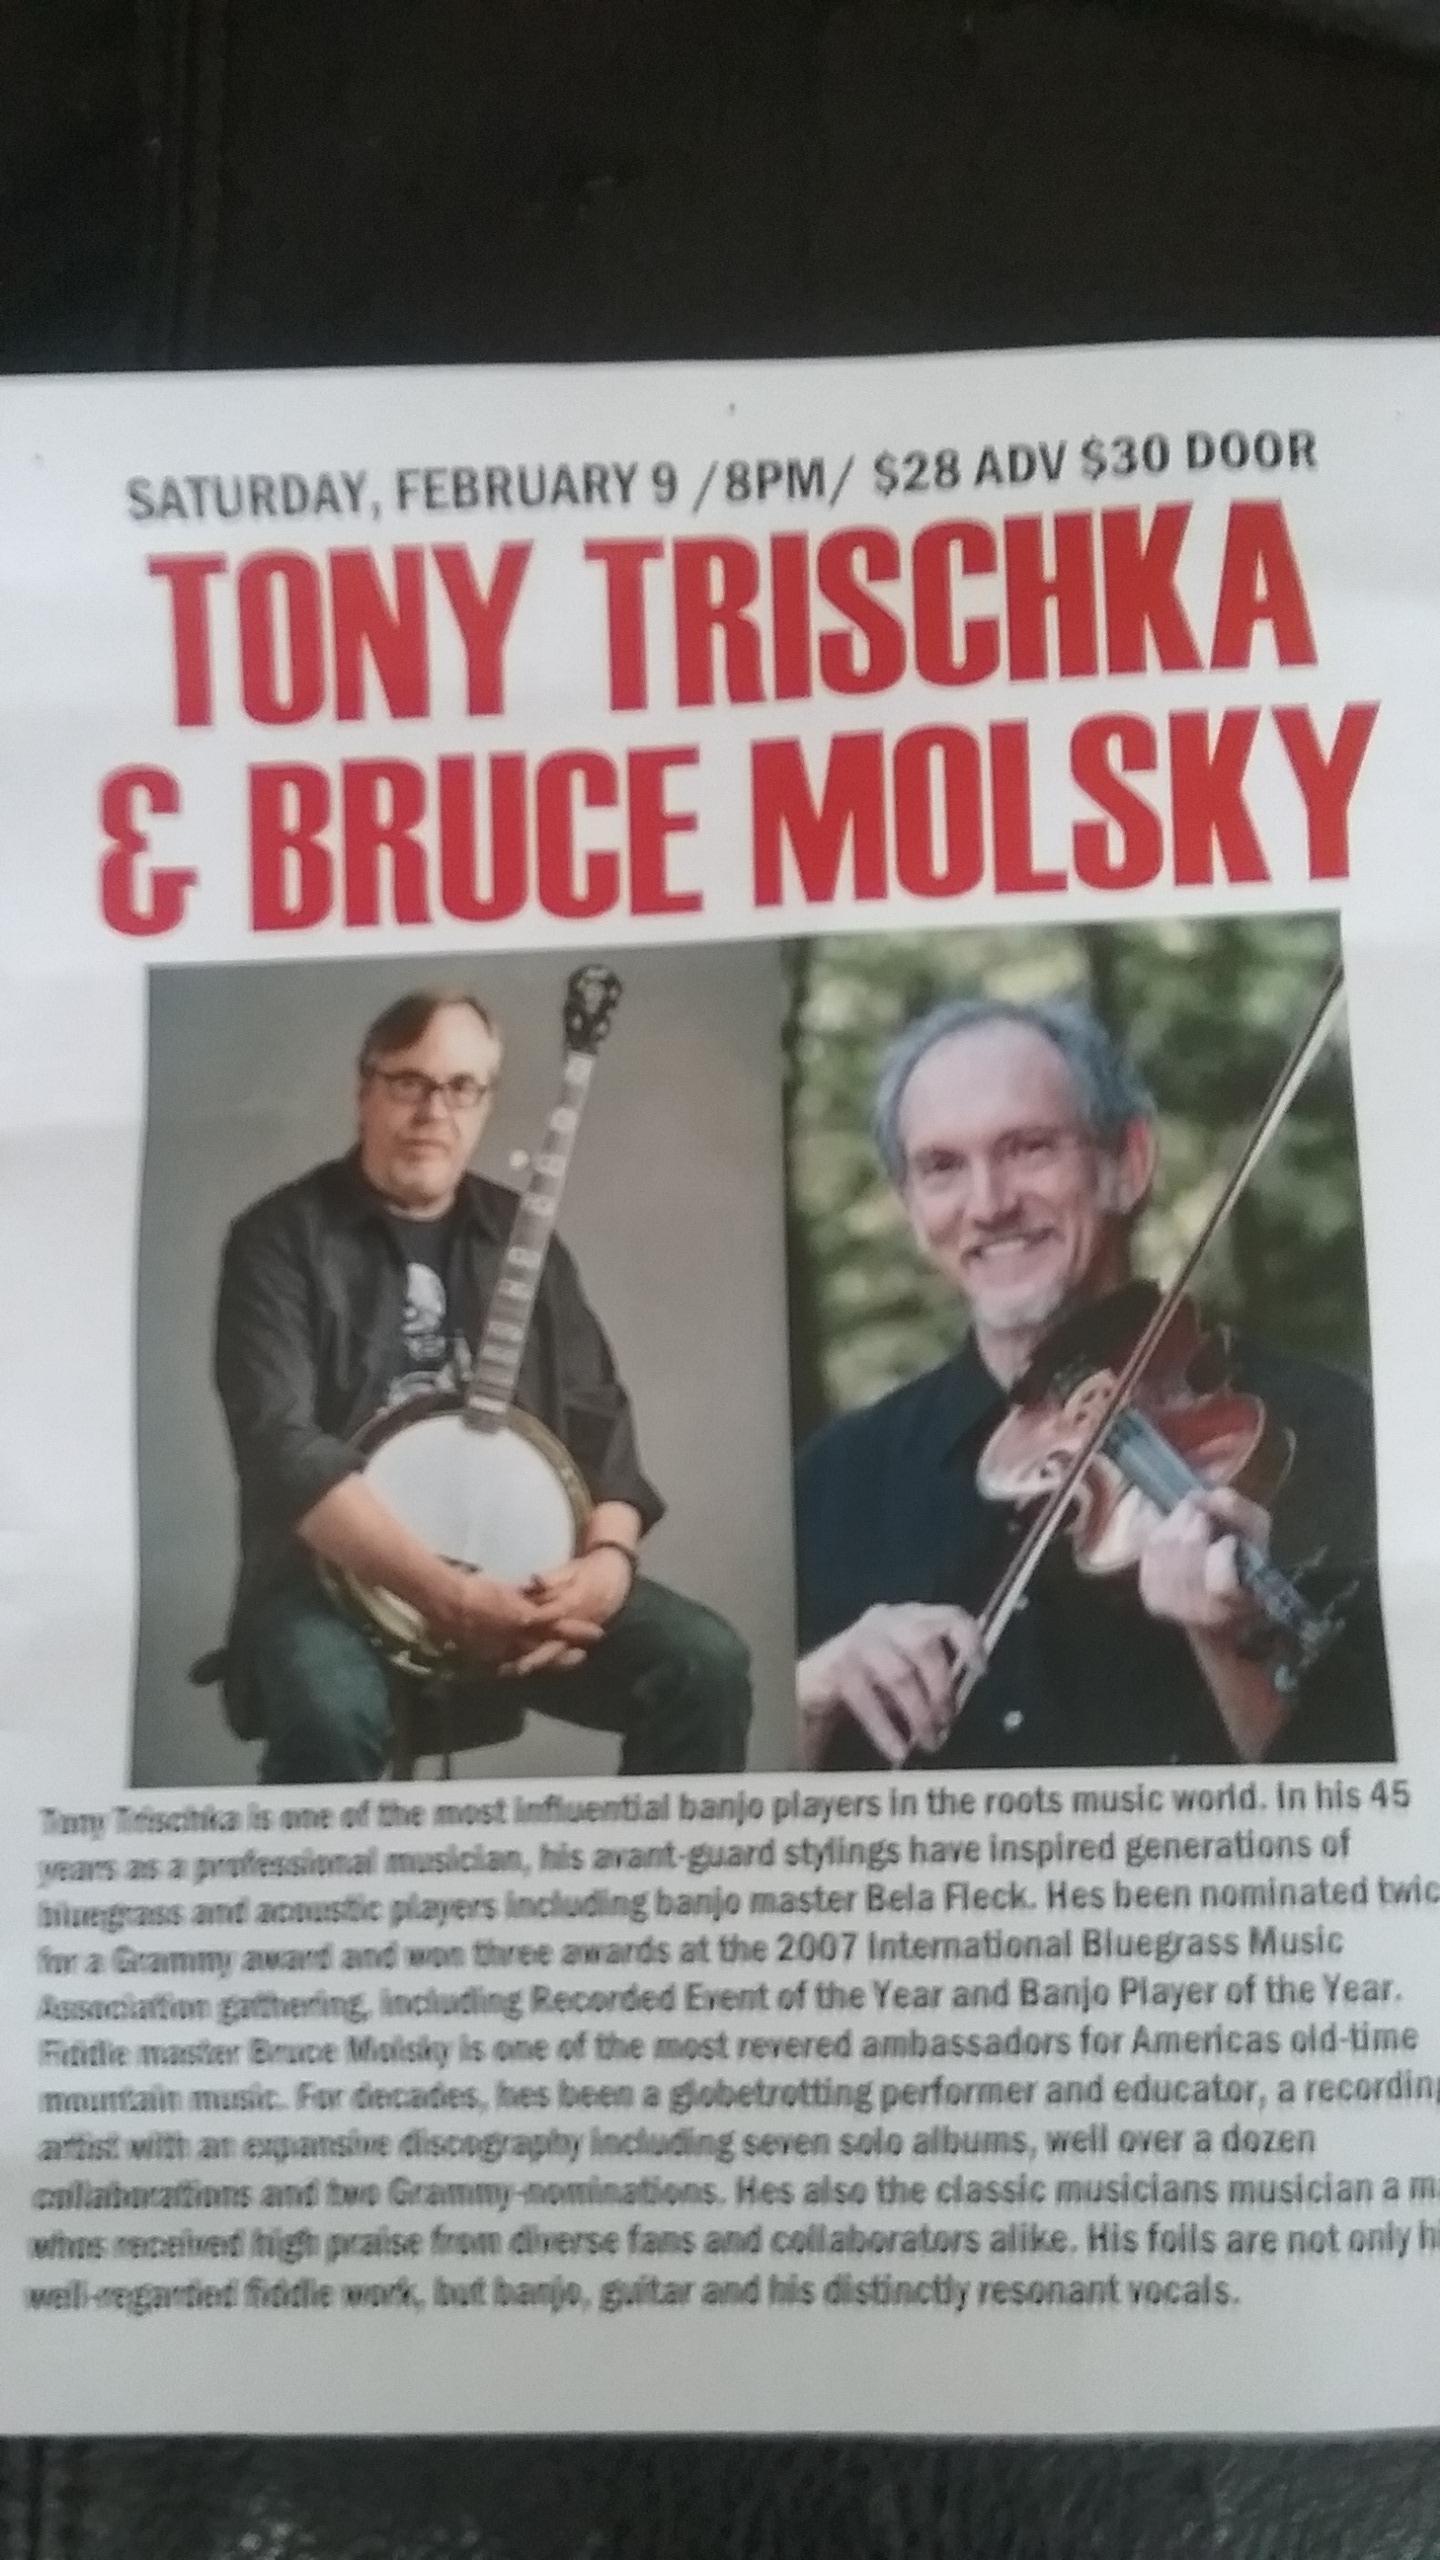 TonyTrischkaBruceMolsky2019-02-09CaffeLenasSaratogaSpringsNY.JPG